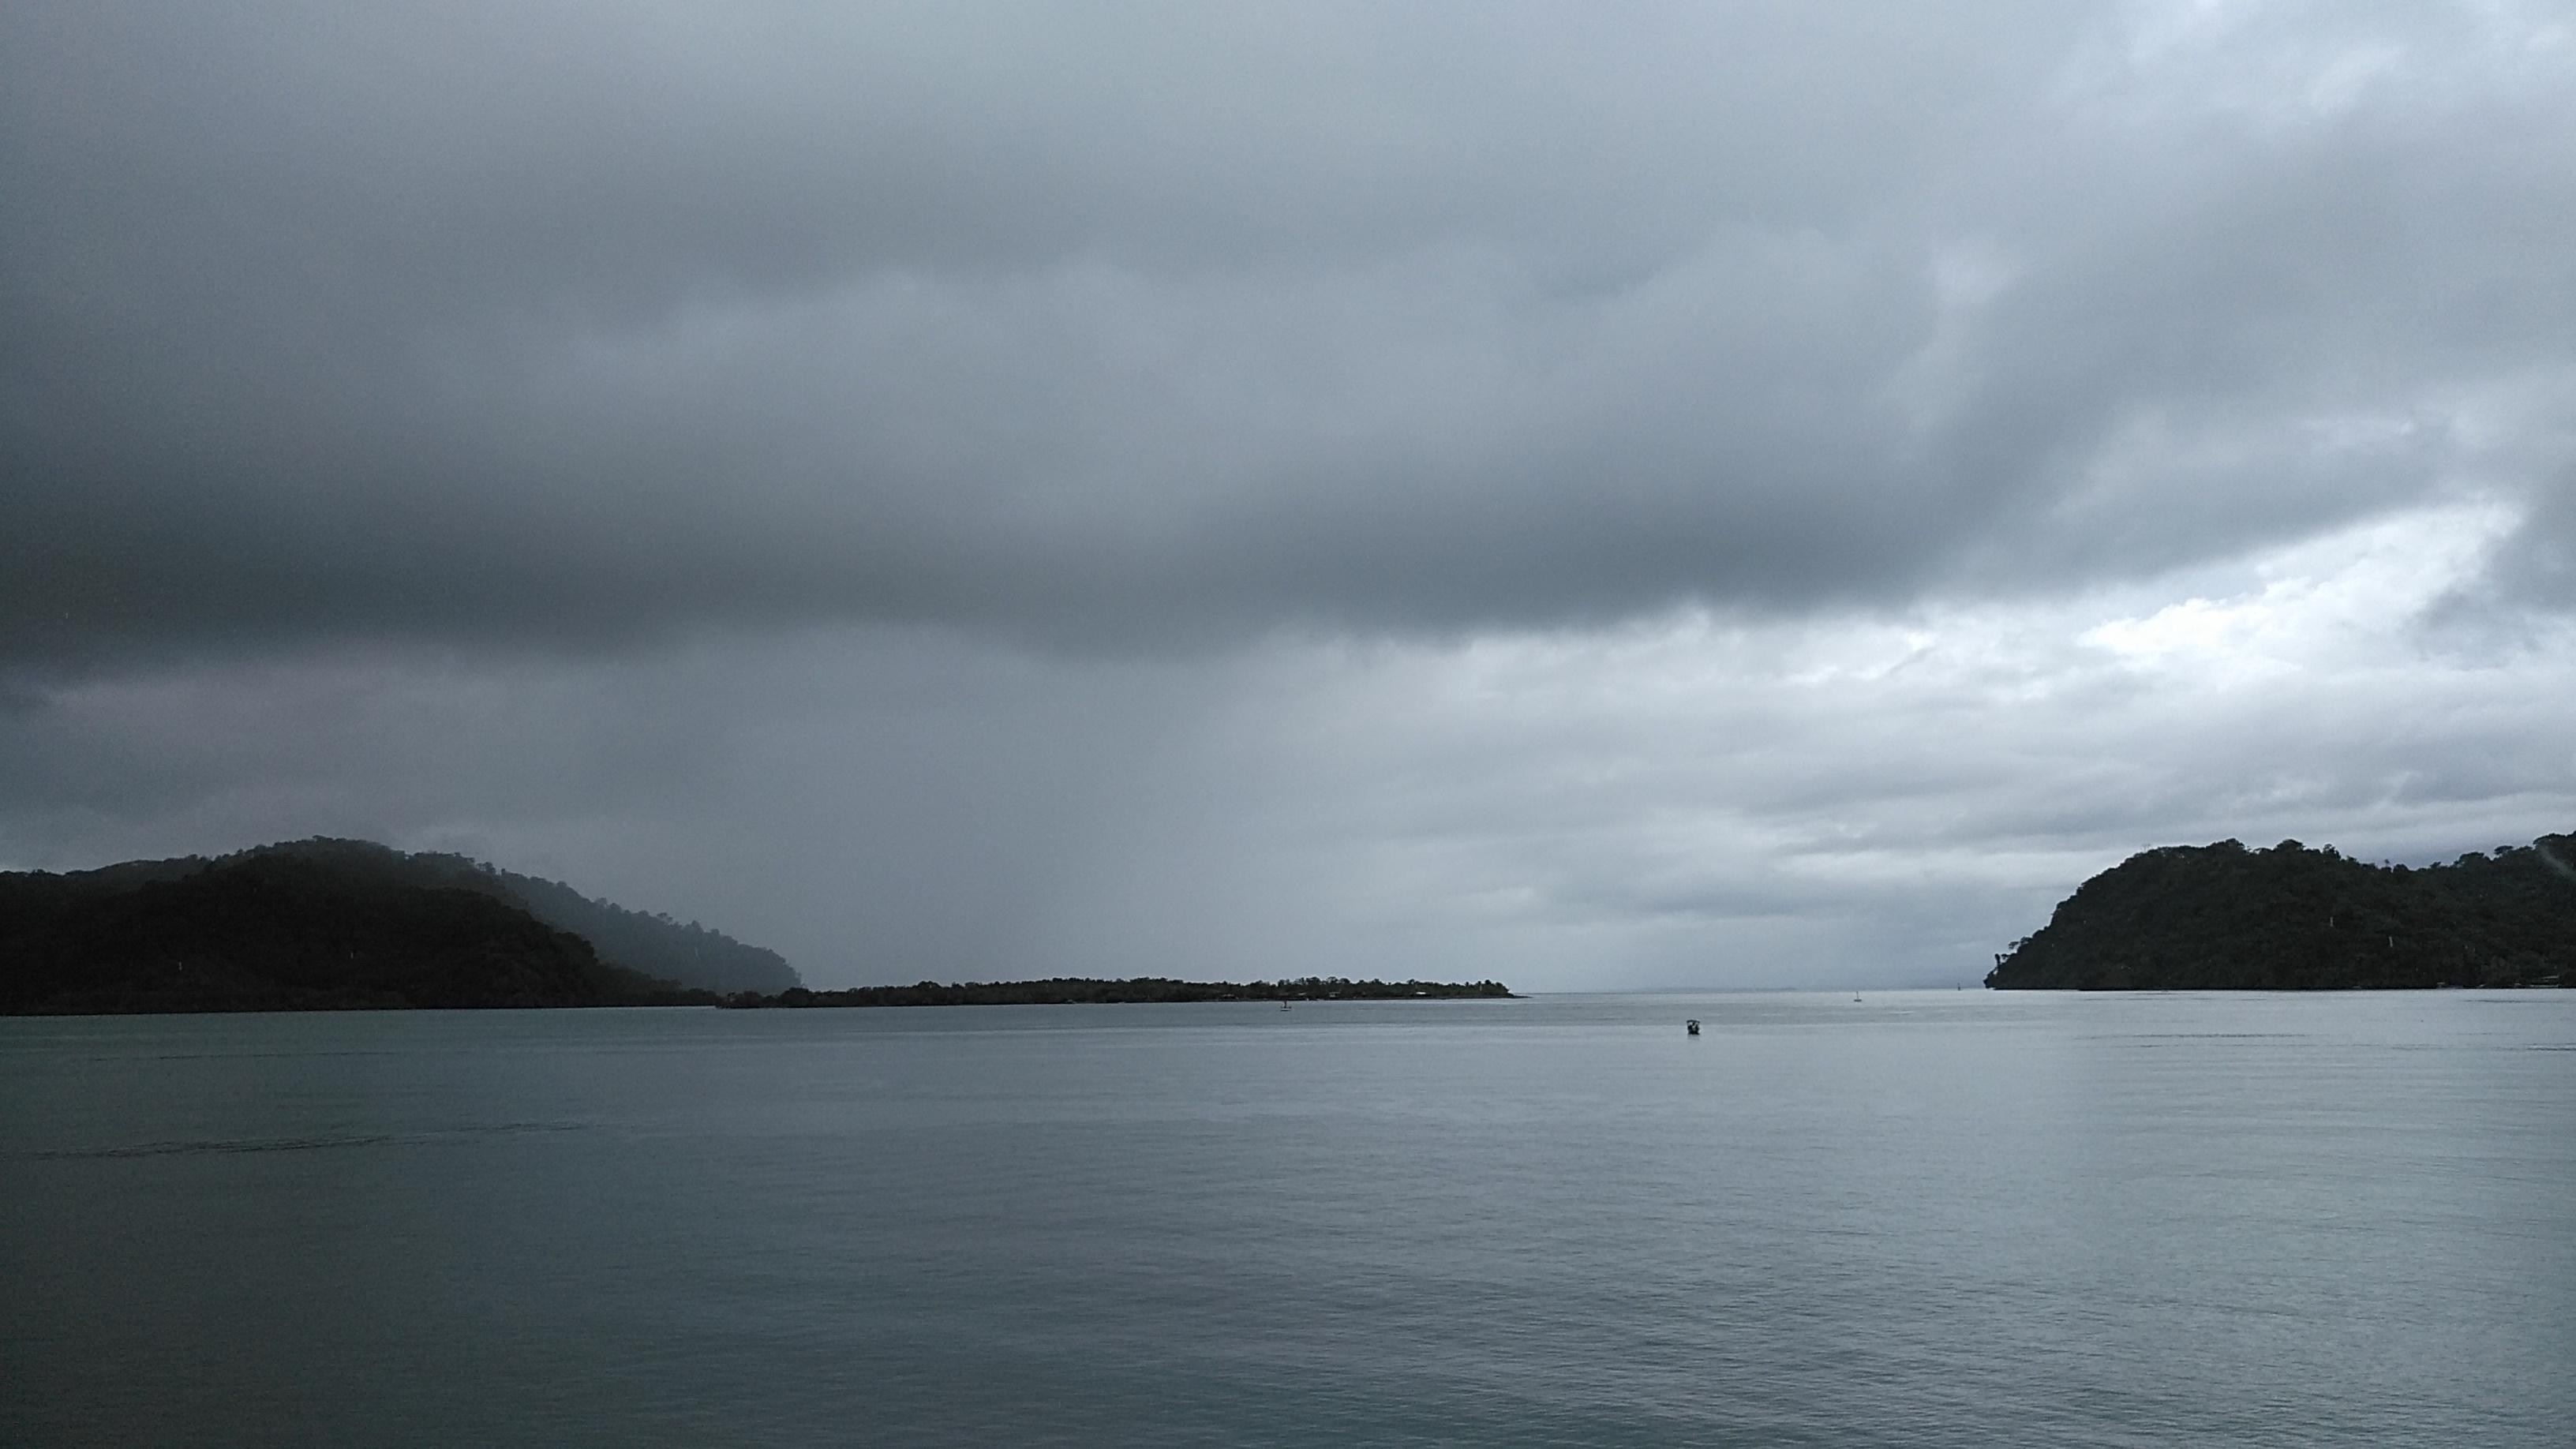 GOLFITO. Un mar de sorpresas, más allá de las compras y el caos.